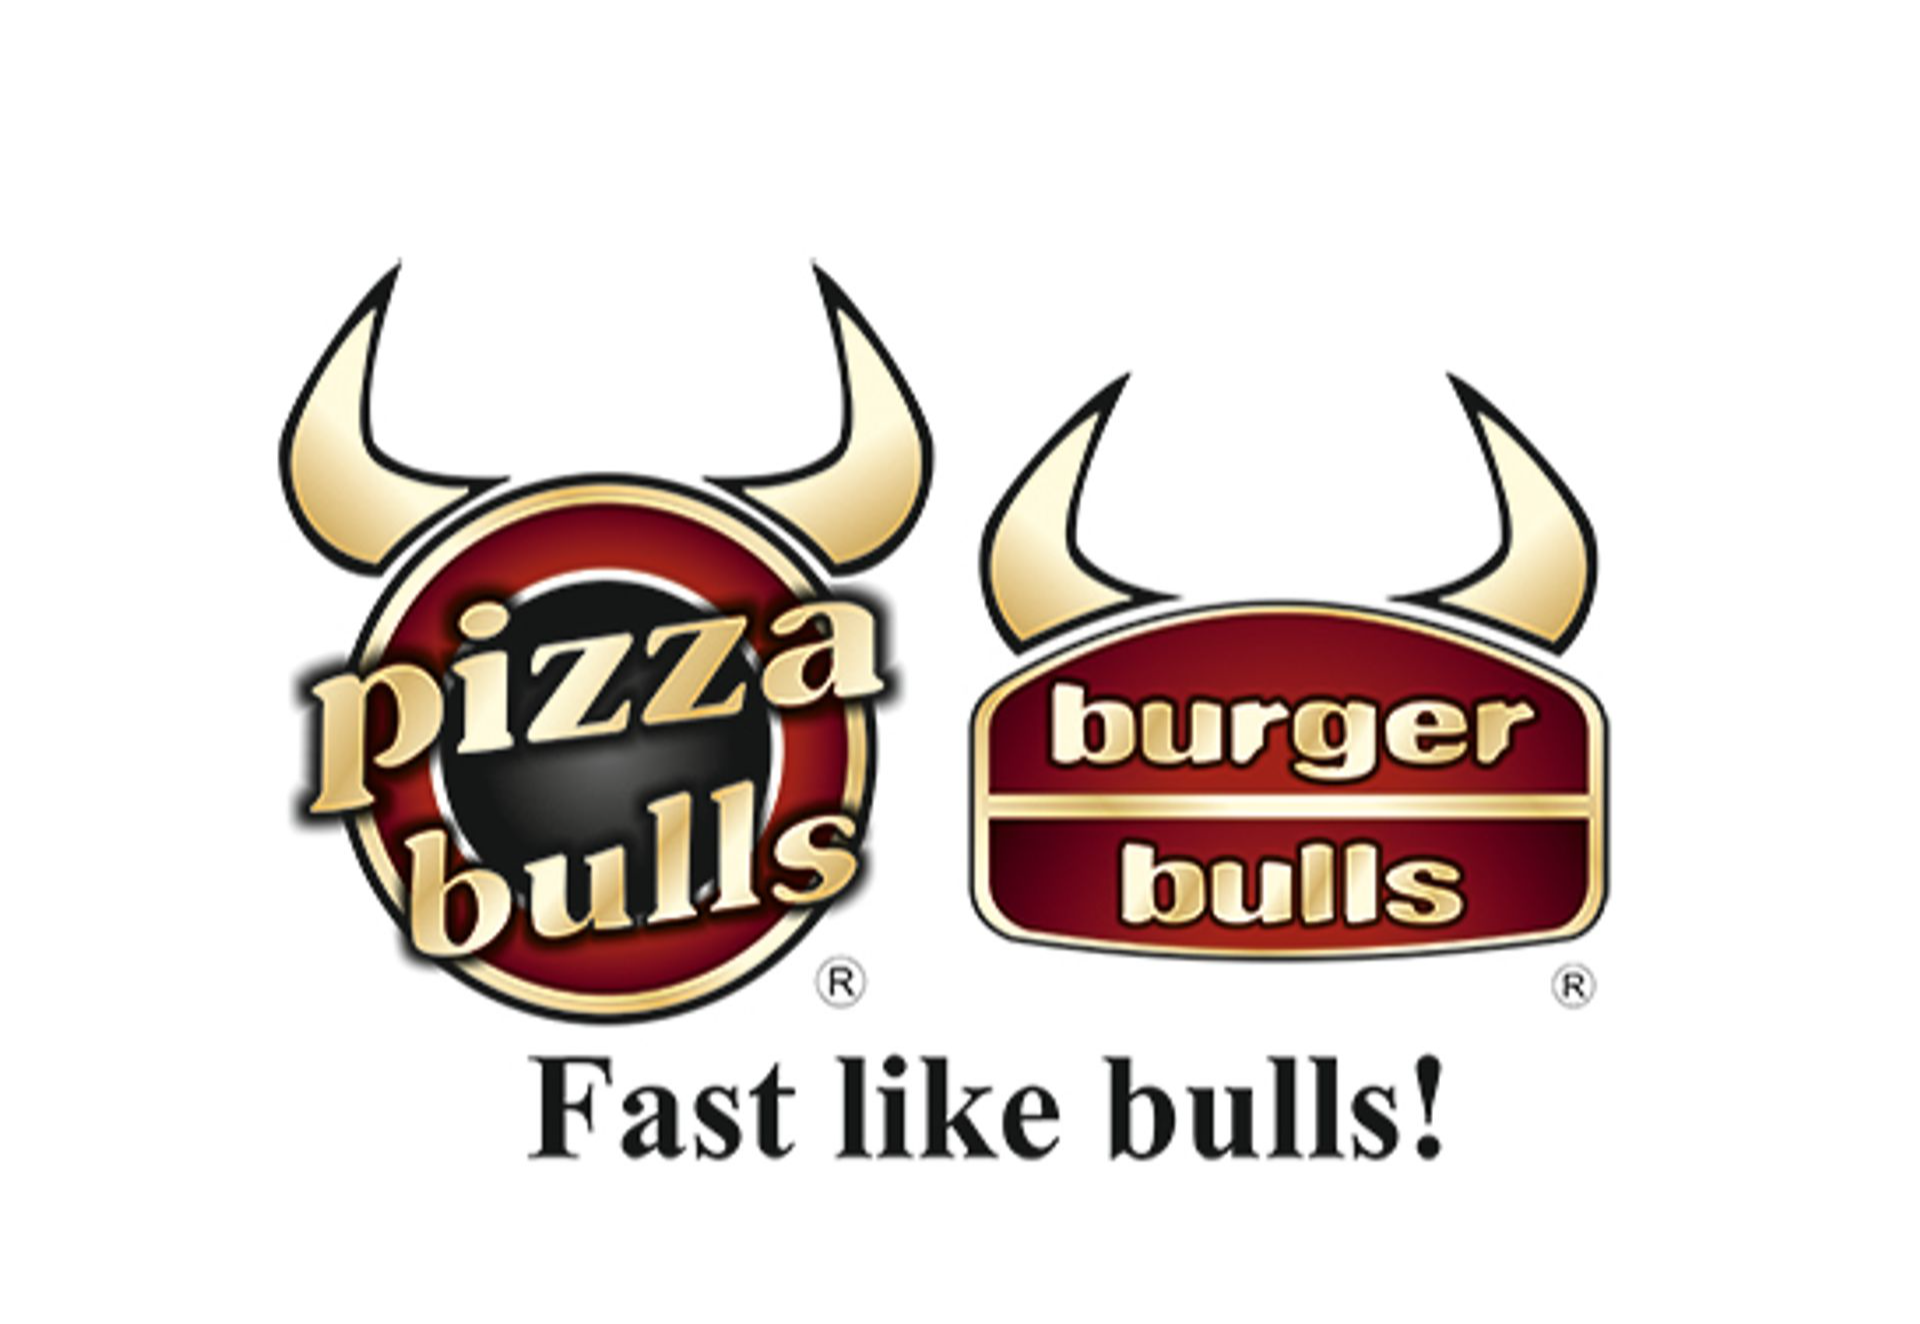 pizza bulls – burger bulls